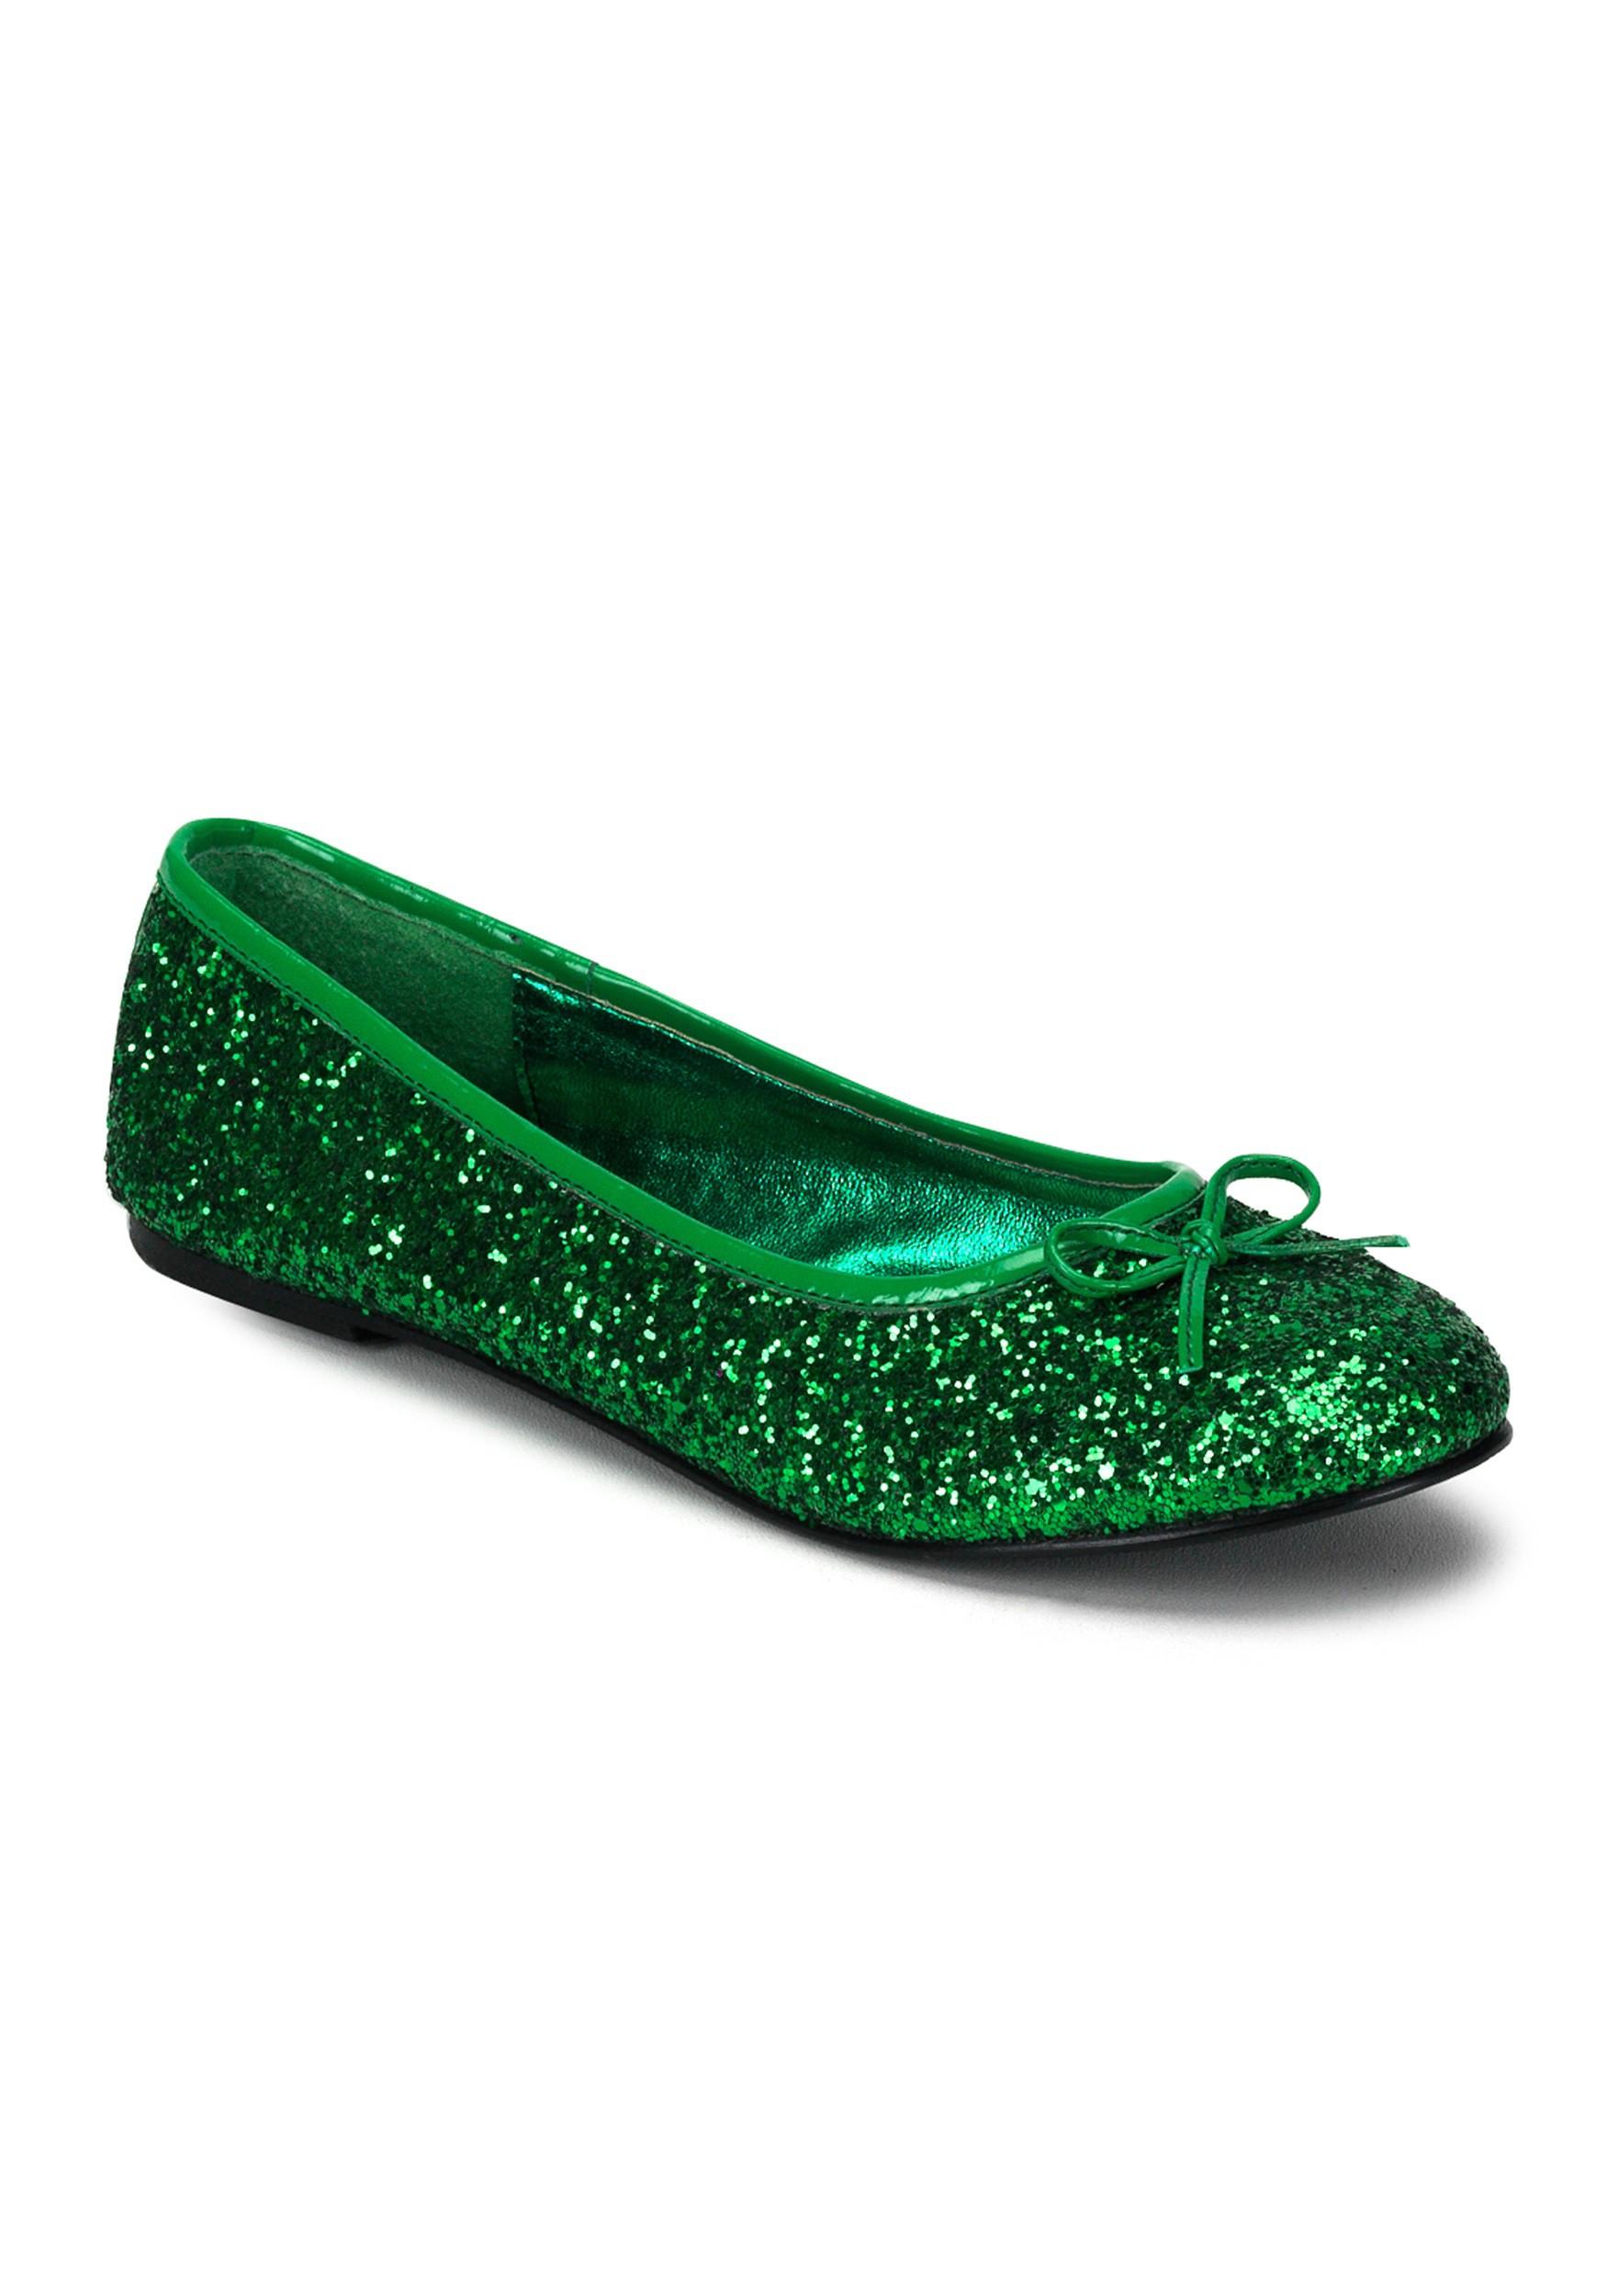 f5fcc3f181a4 Adult Kelly Green Glitter Flat s